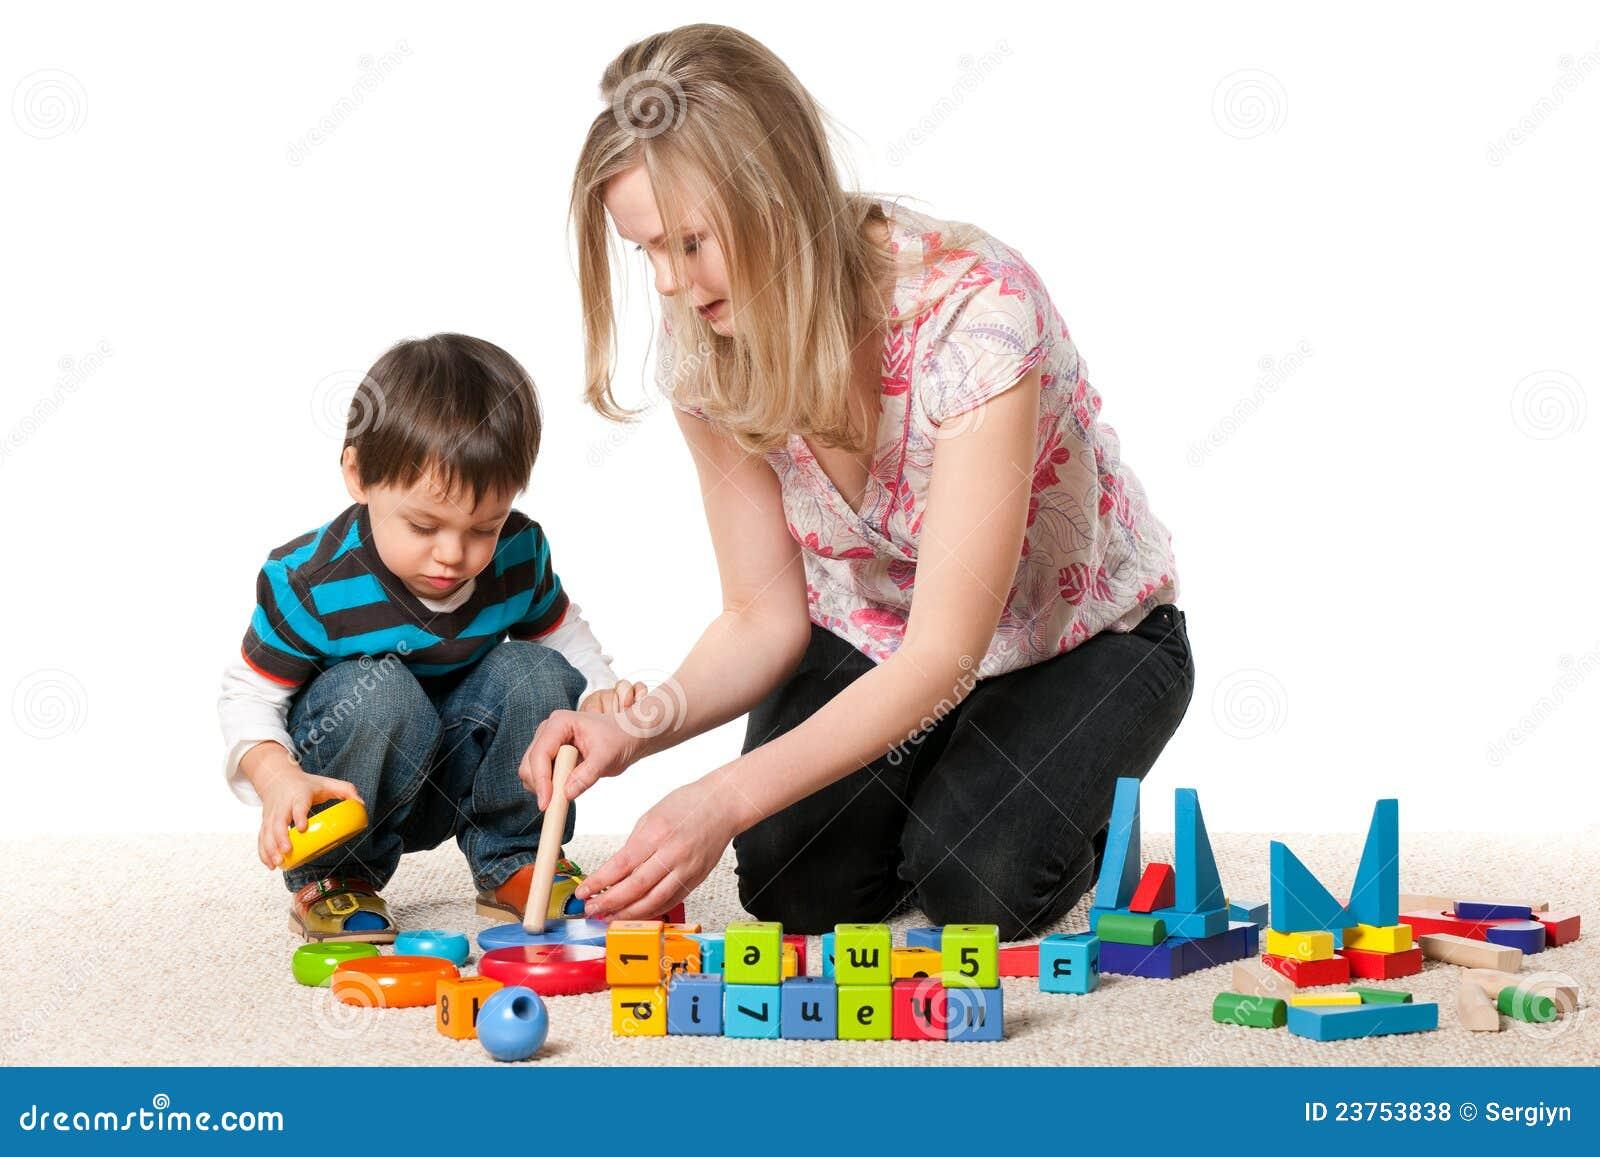 Сын с мамой играют в карты 15 фотография